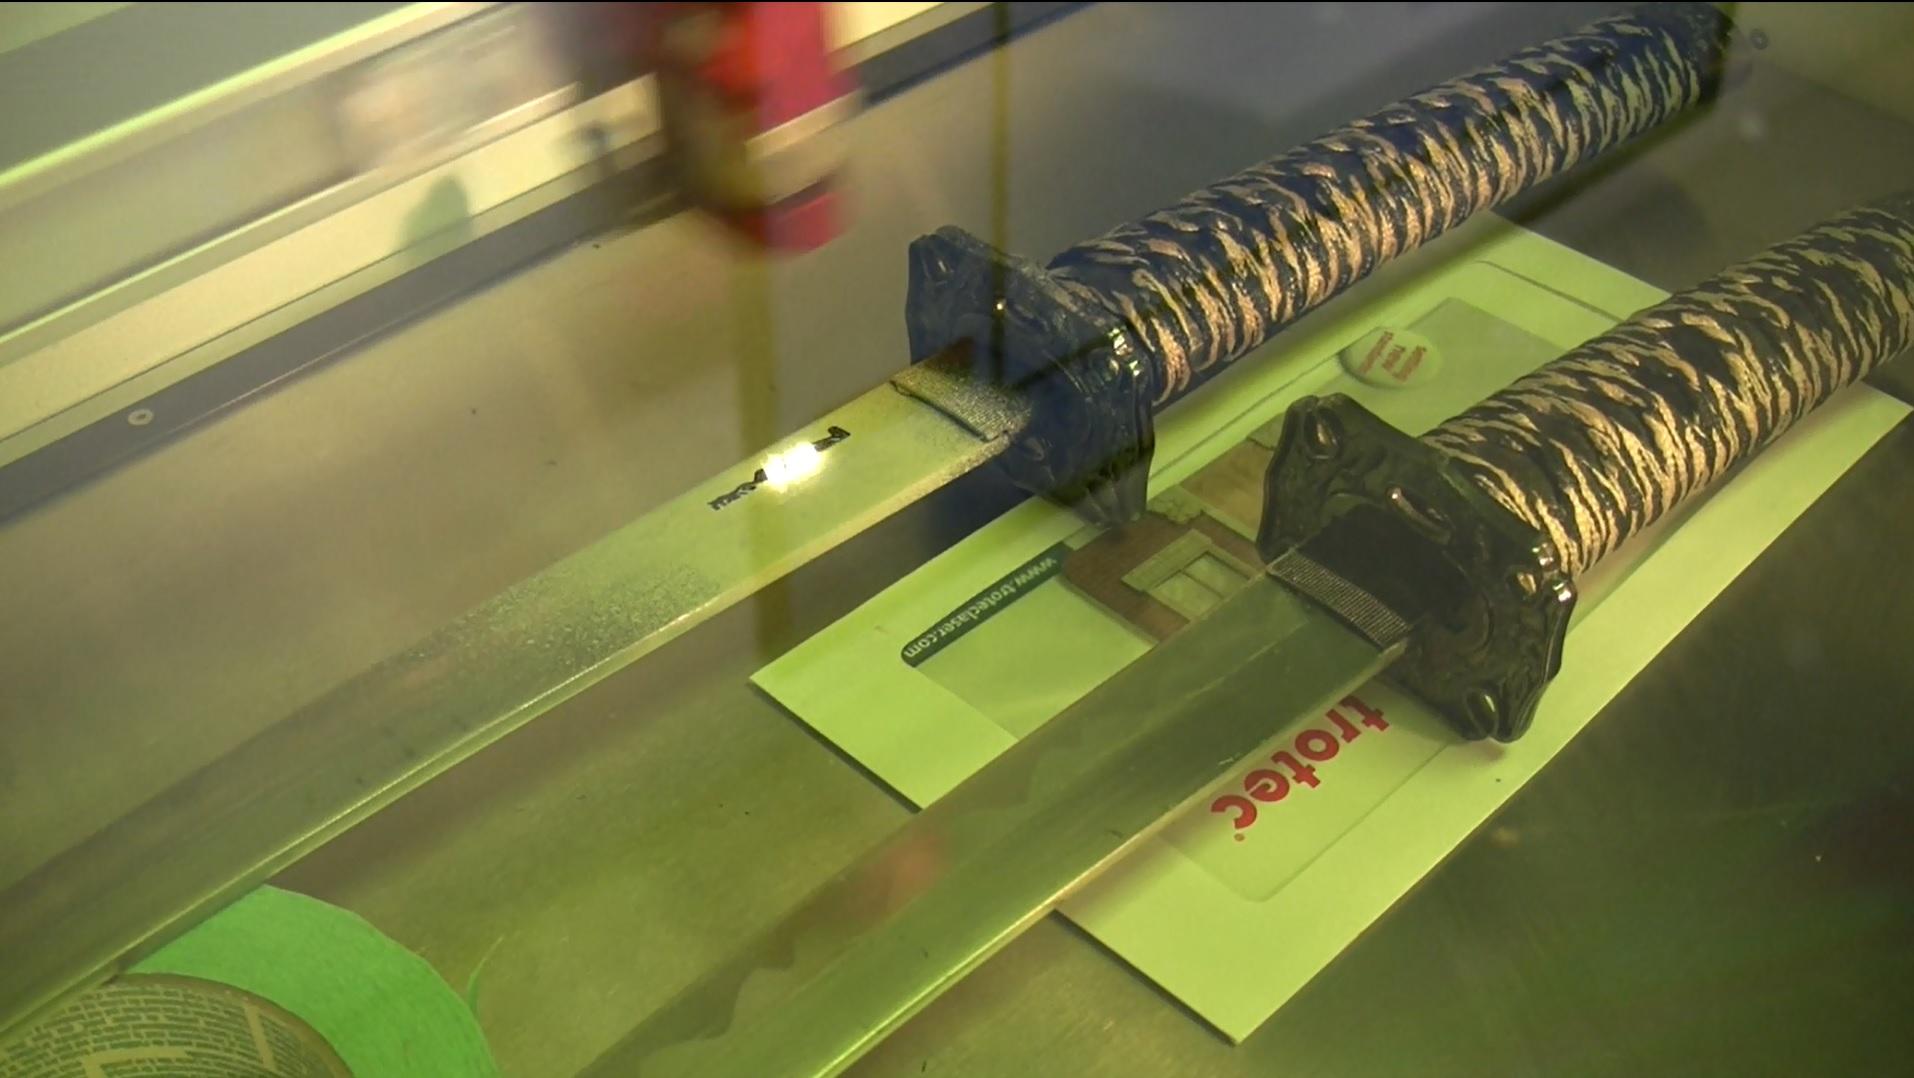 Picture of Laser Marking Samurai Swords